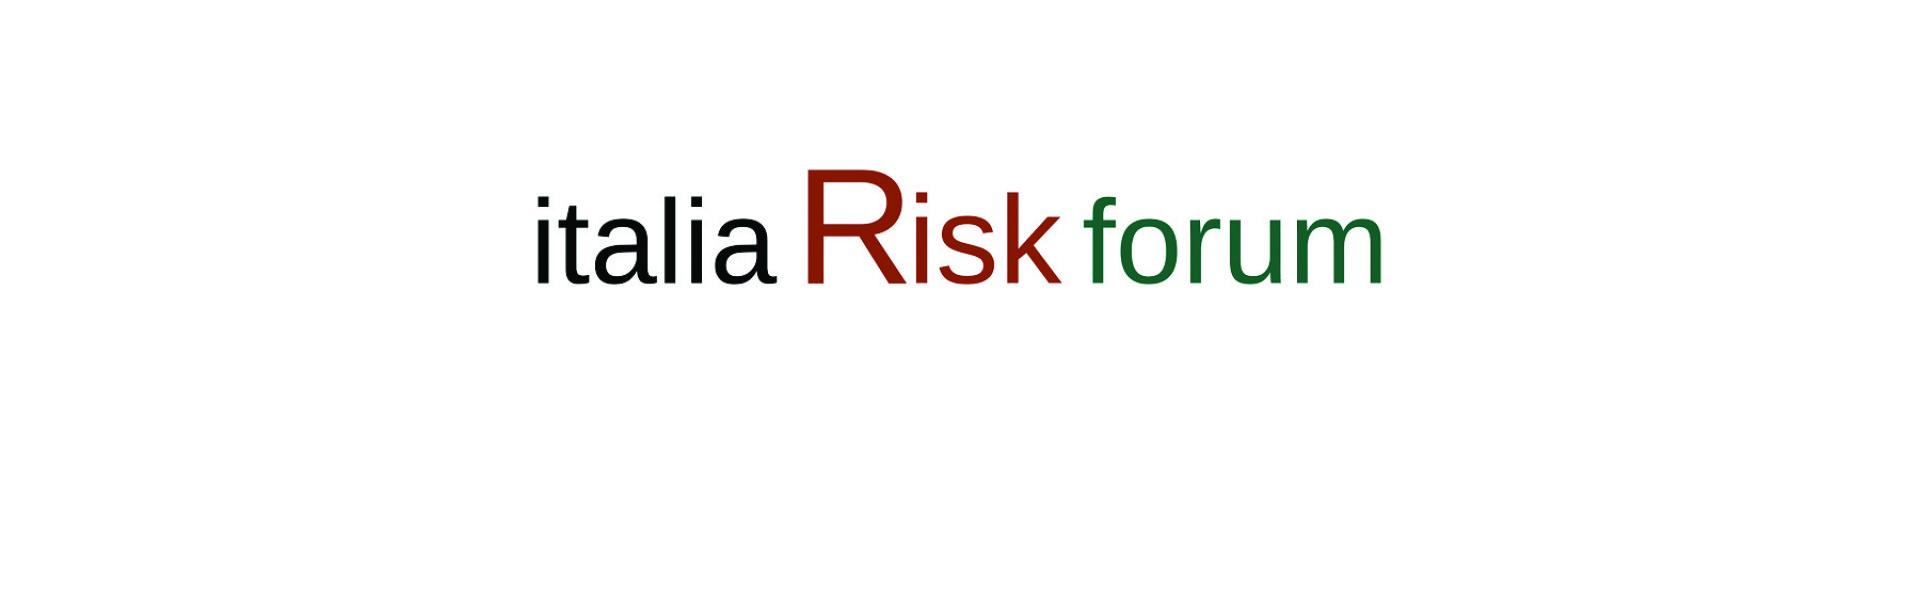 Italia Risk Forum